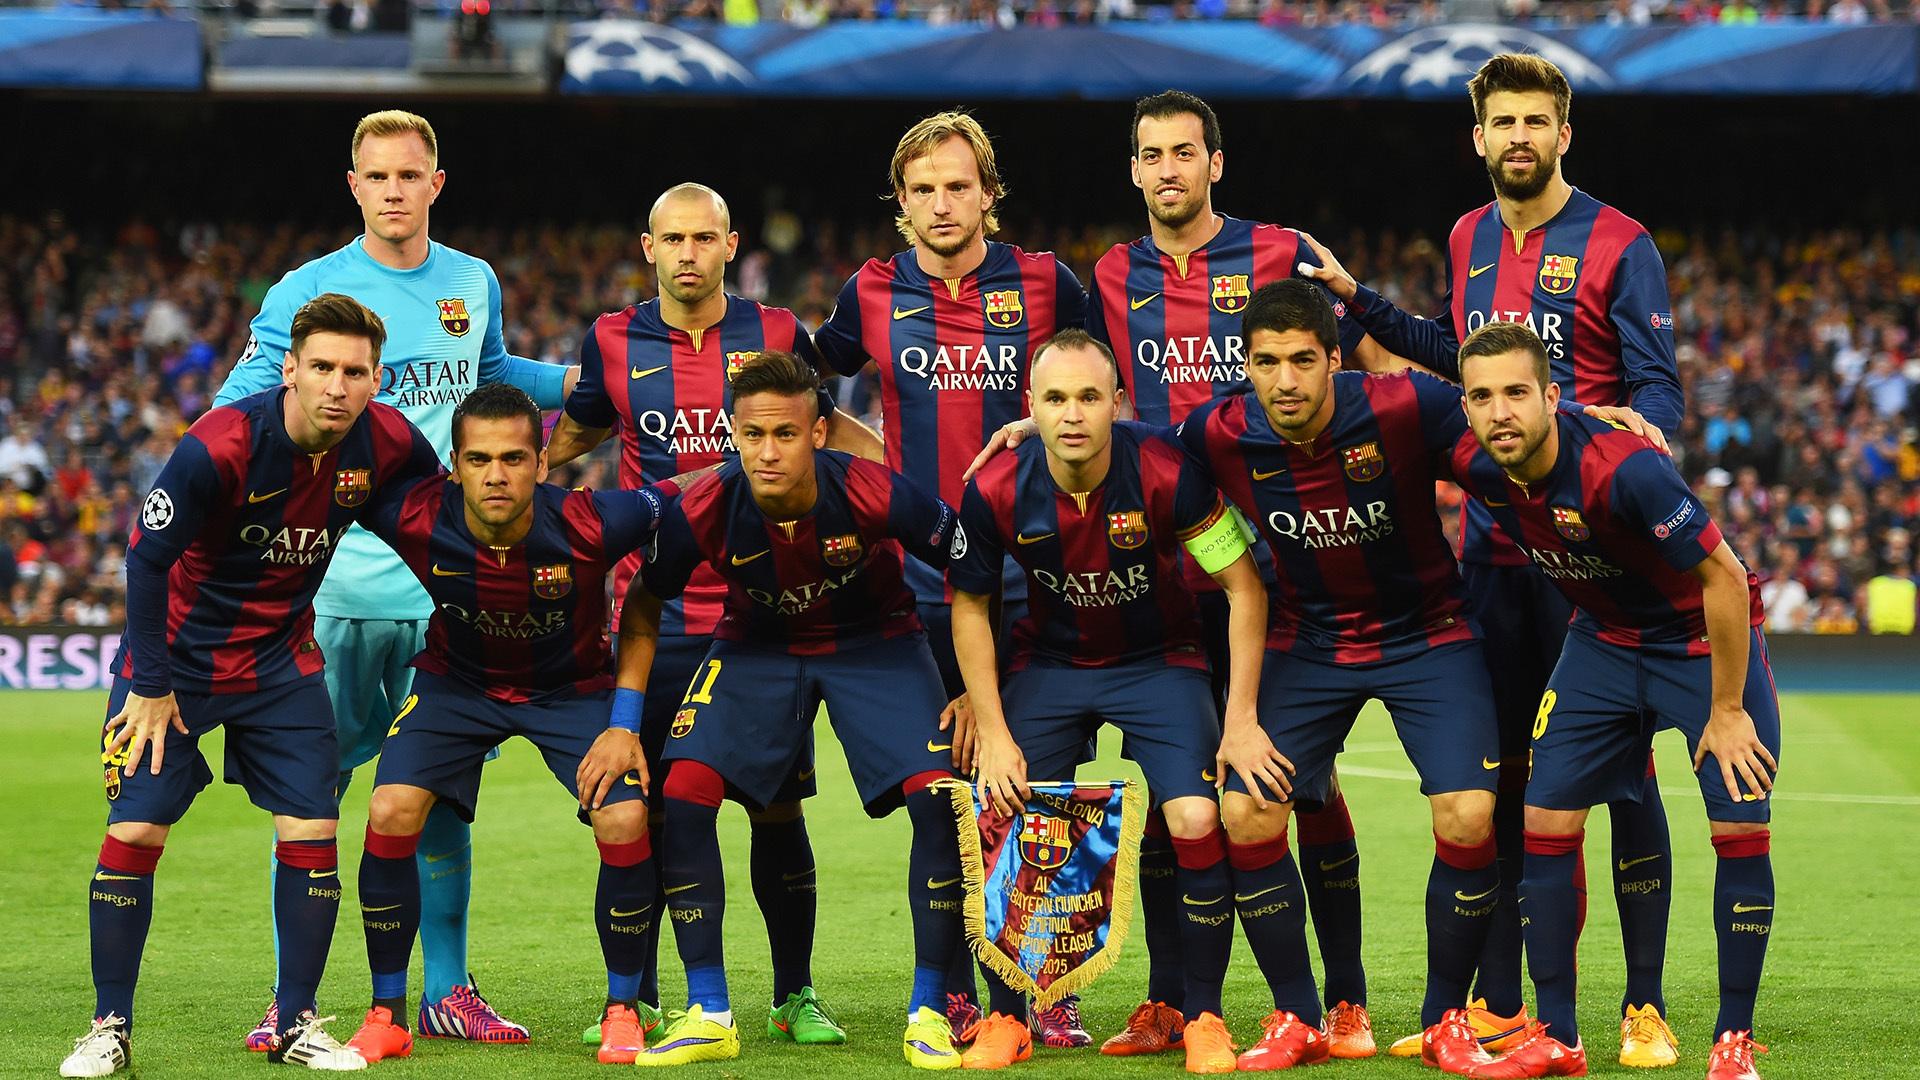 Испански чемпионат по футболу